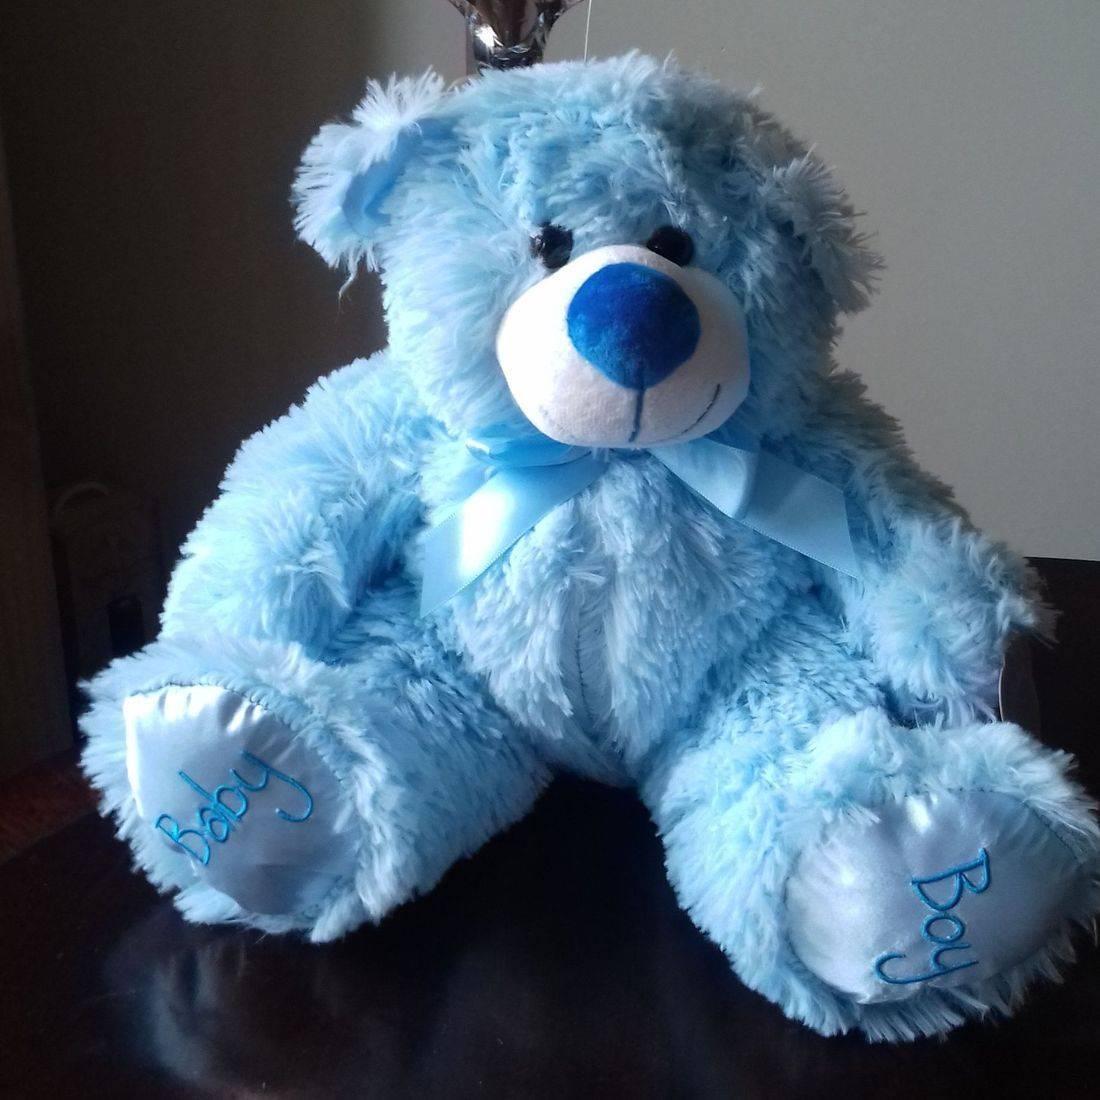 cuddly blue bear